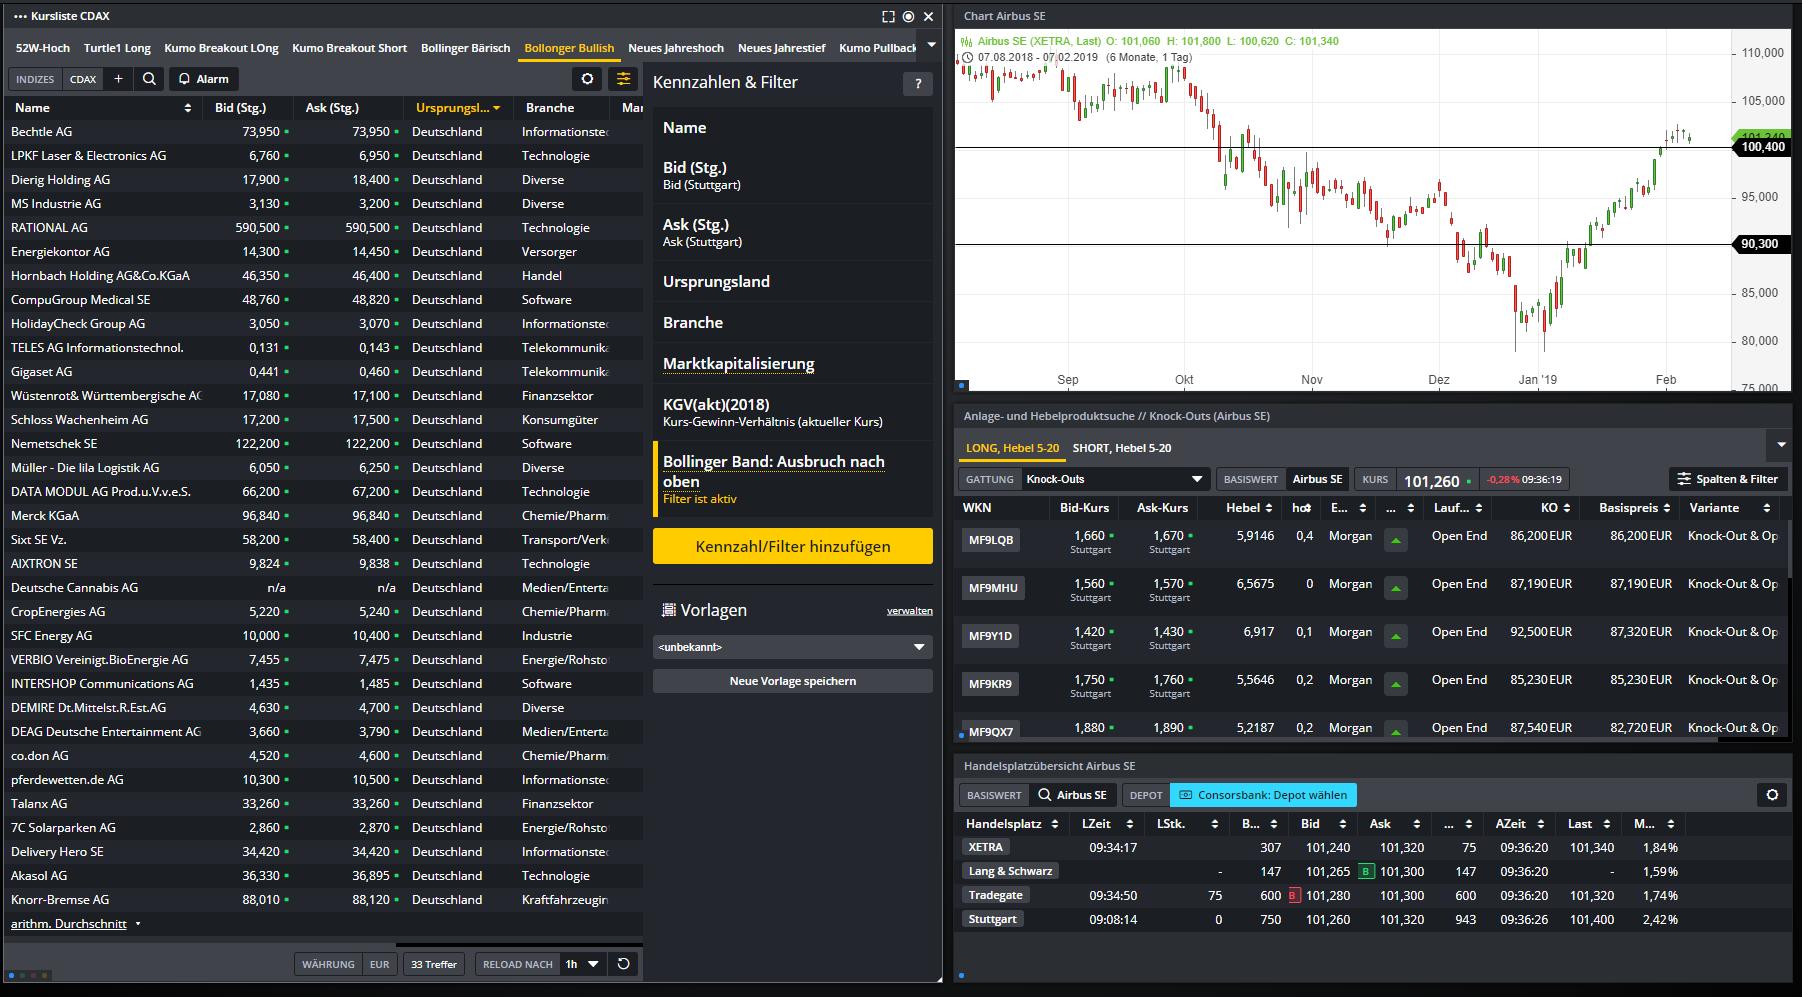 Diese-Desktops-sollten-alle-Trader-kennen-Daniel-Kühn-GodmodeTrader.de-6